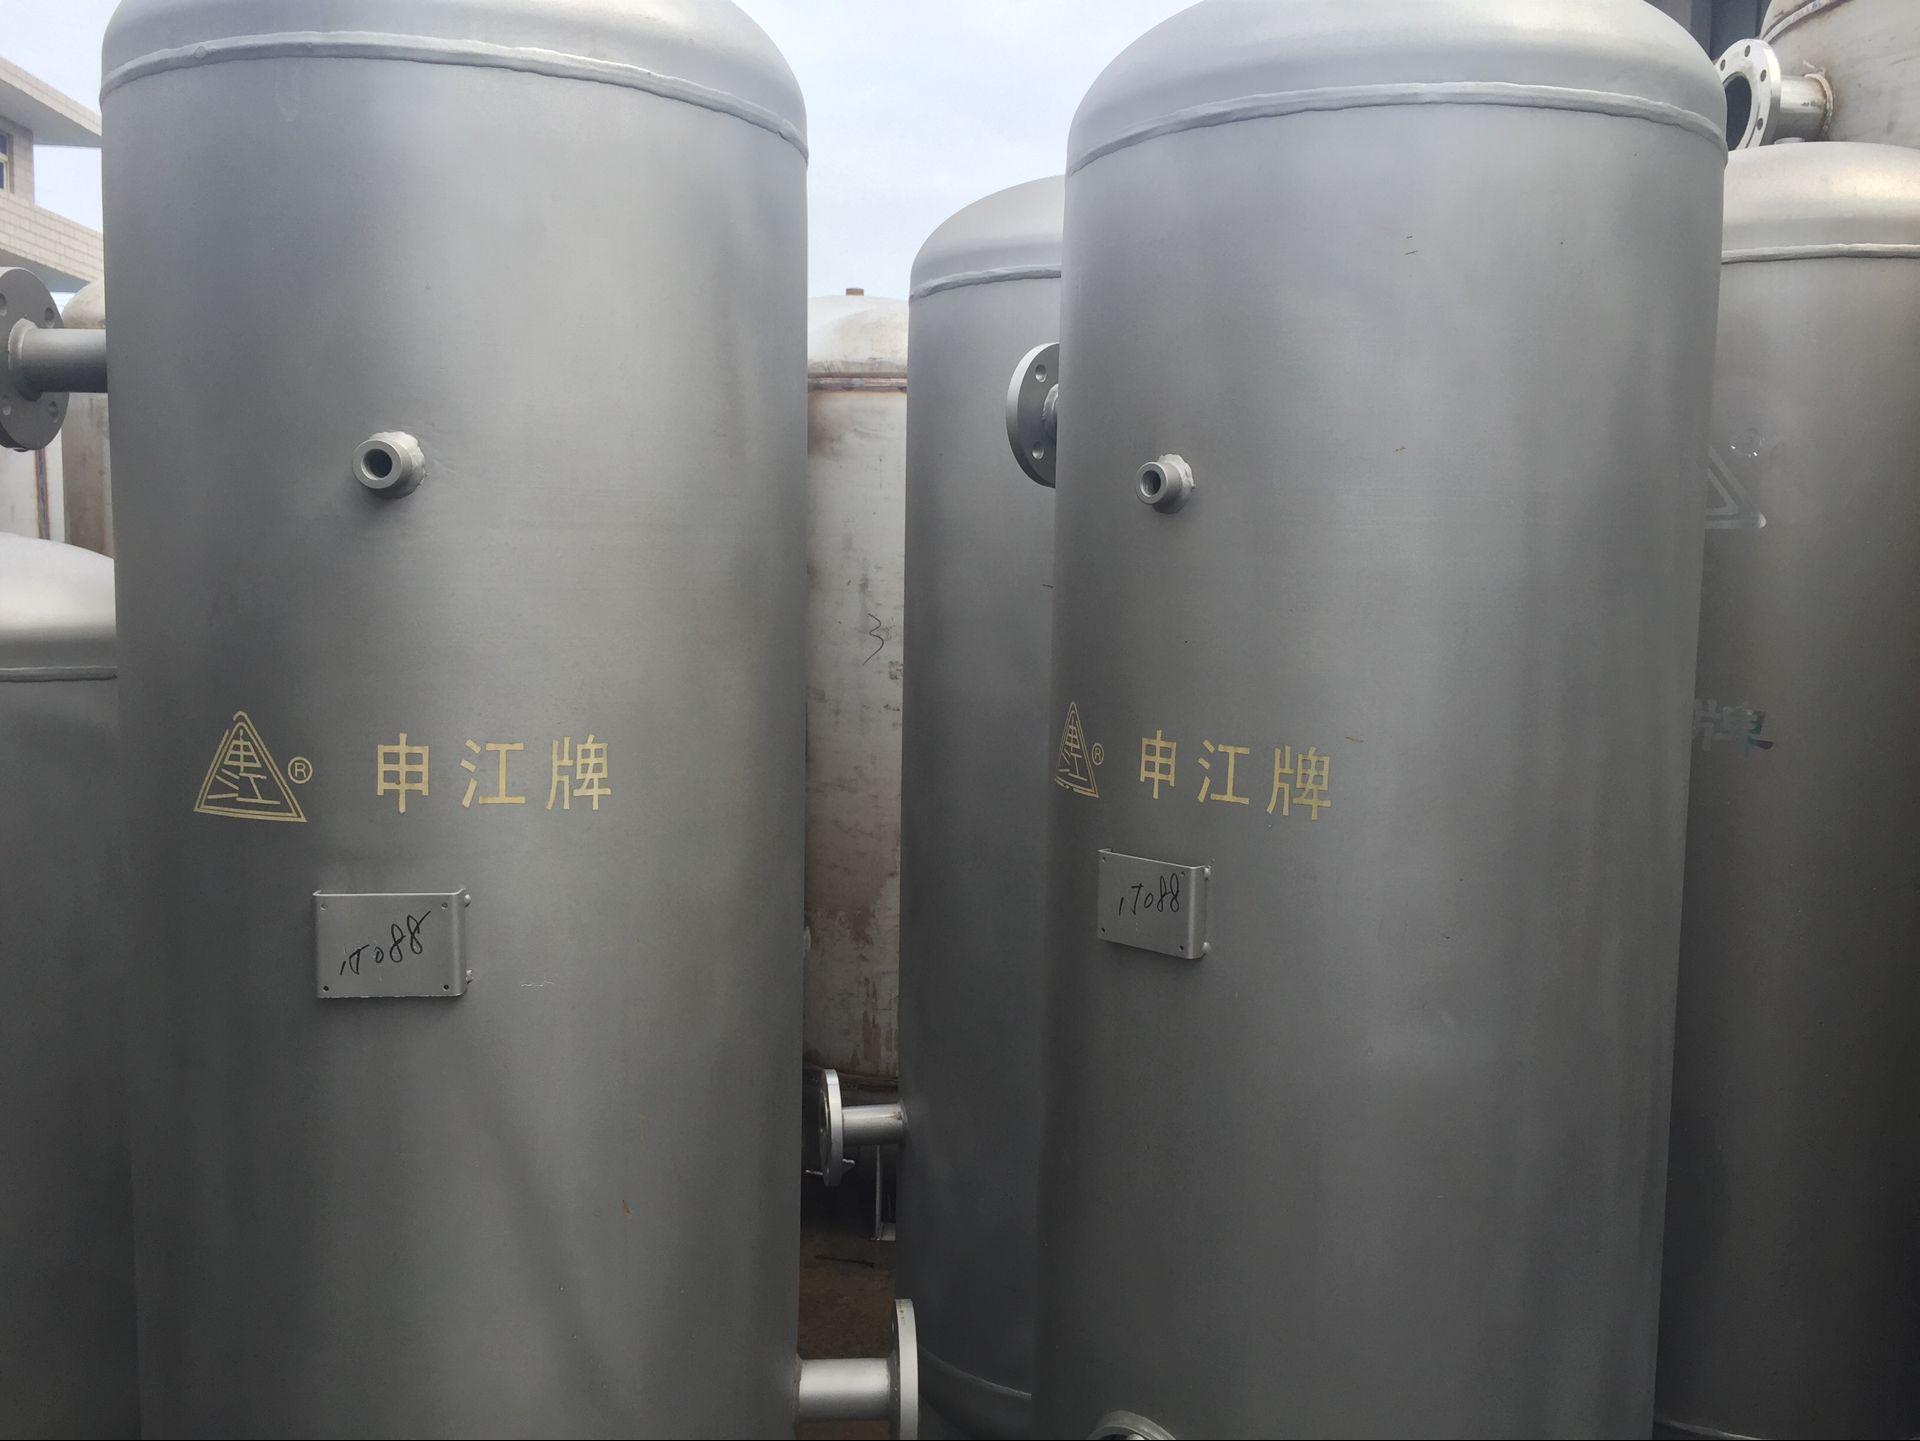 奉贤设备的价格公道的申江牌管道安装品质有保障